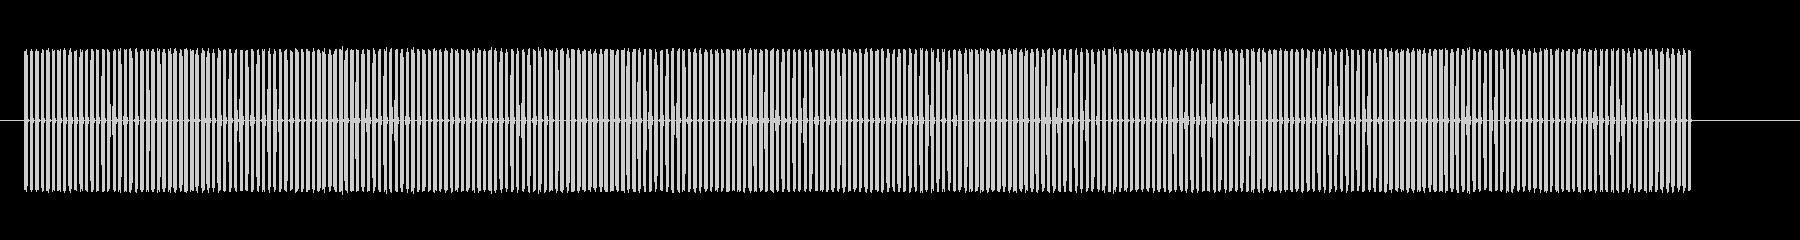 アラーム1アラームの未再生の波形